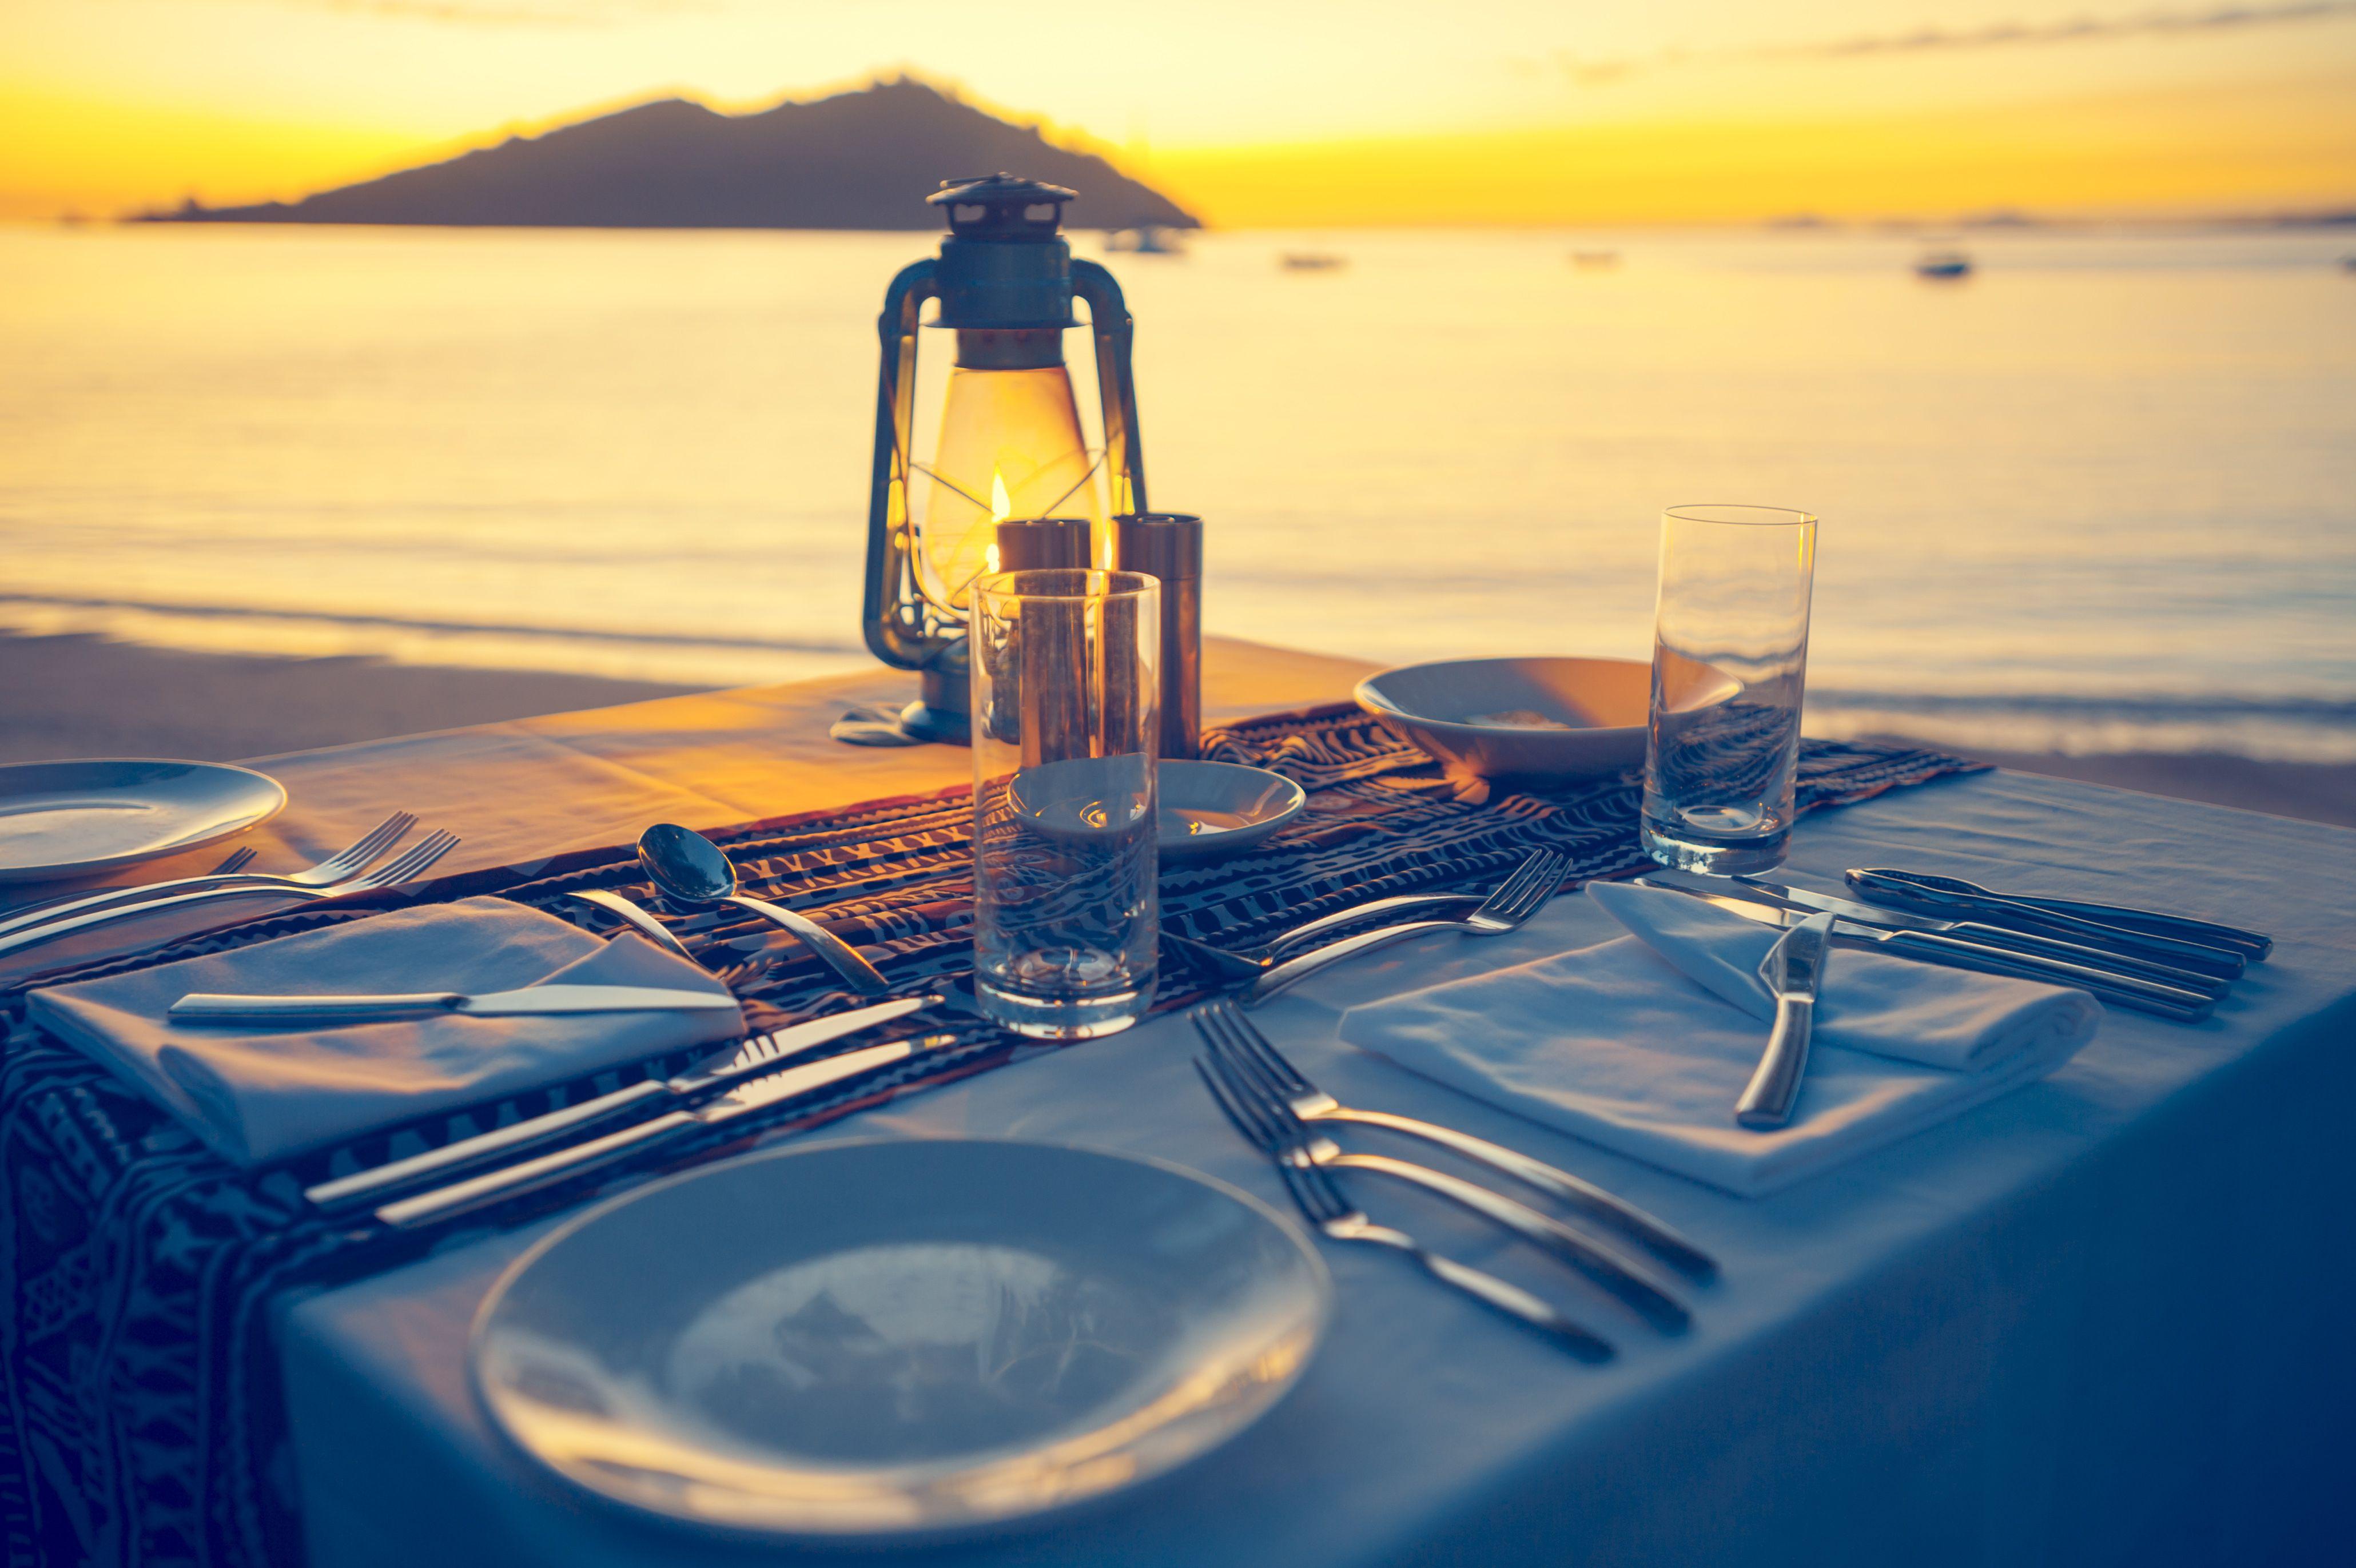 Restaurantes recomendados en El Golfo Yaiza